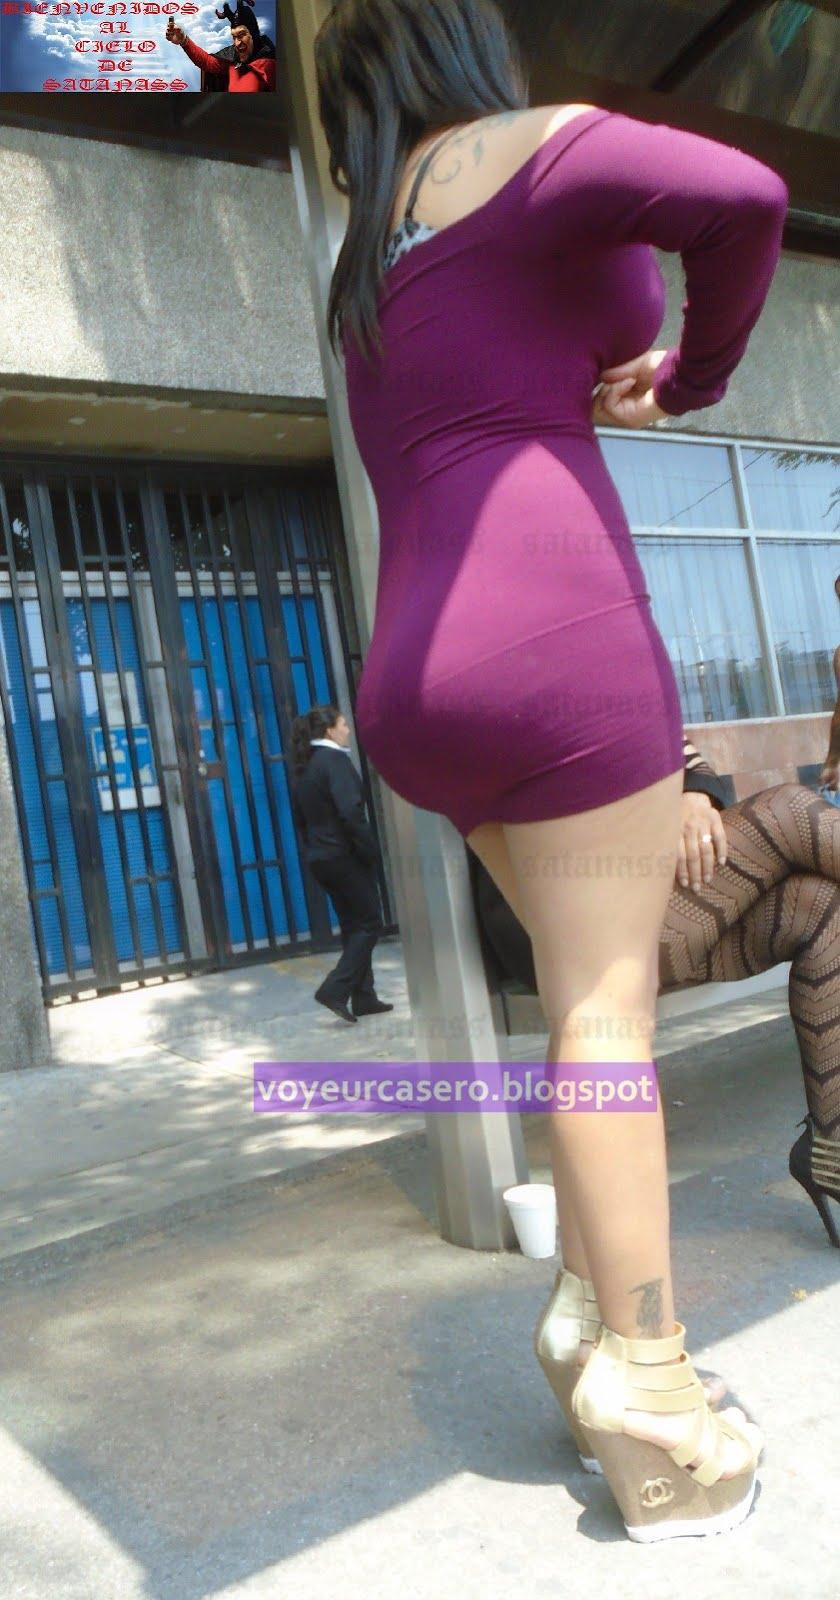 prostituta culona masajistas prostitutas